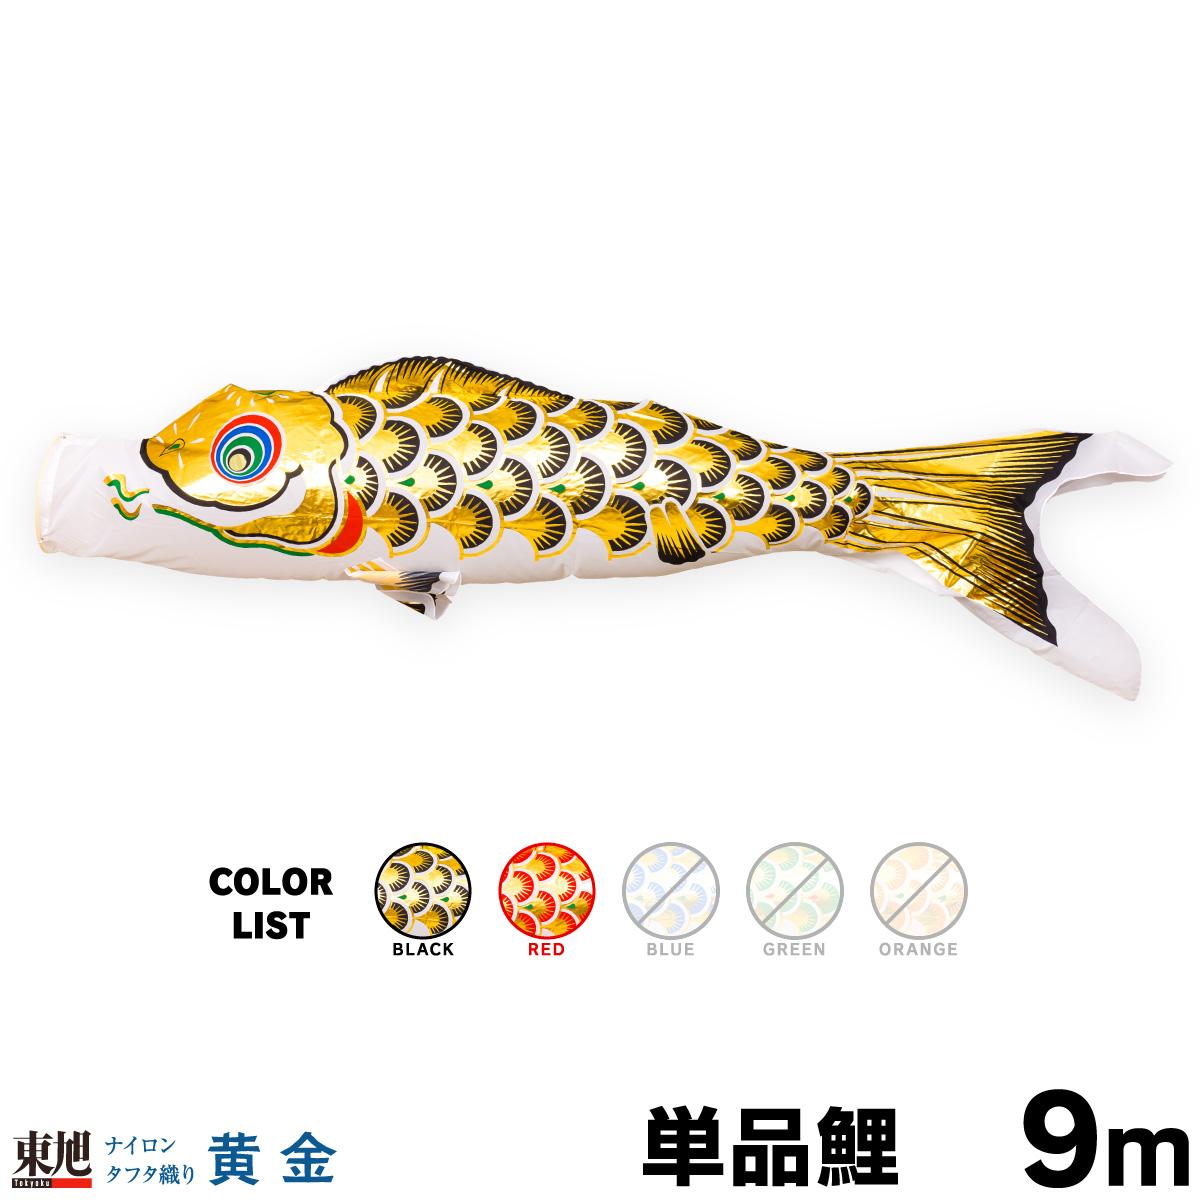 【こいのぼり 単品】 ナイロンタフタ織り 黄金 9m 単品鯉